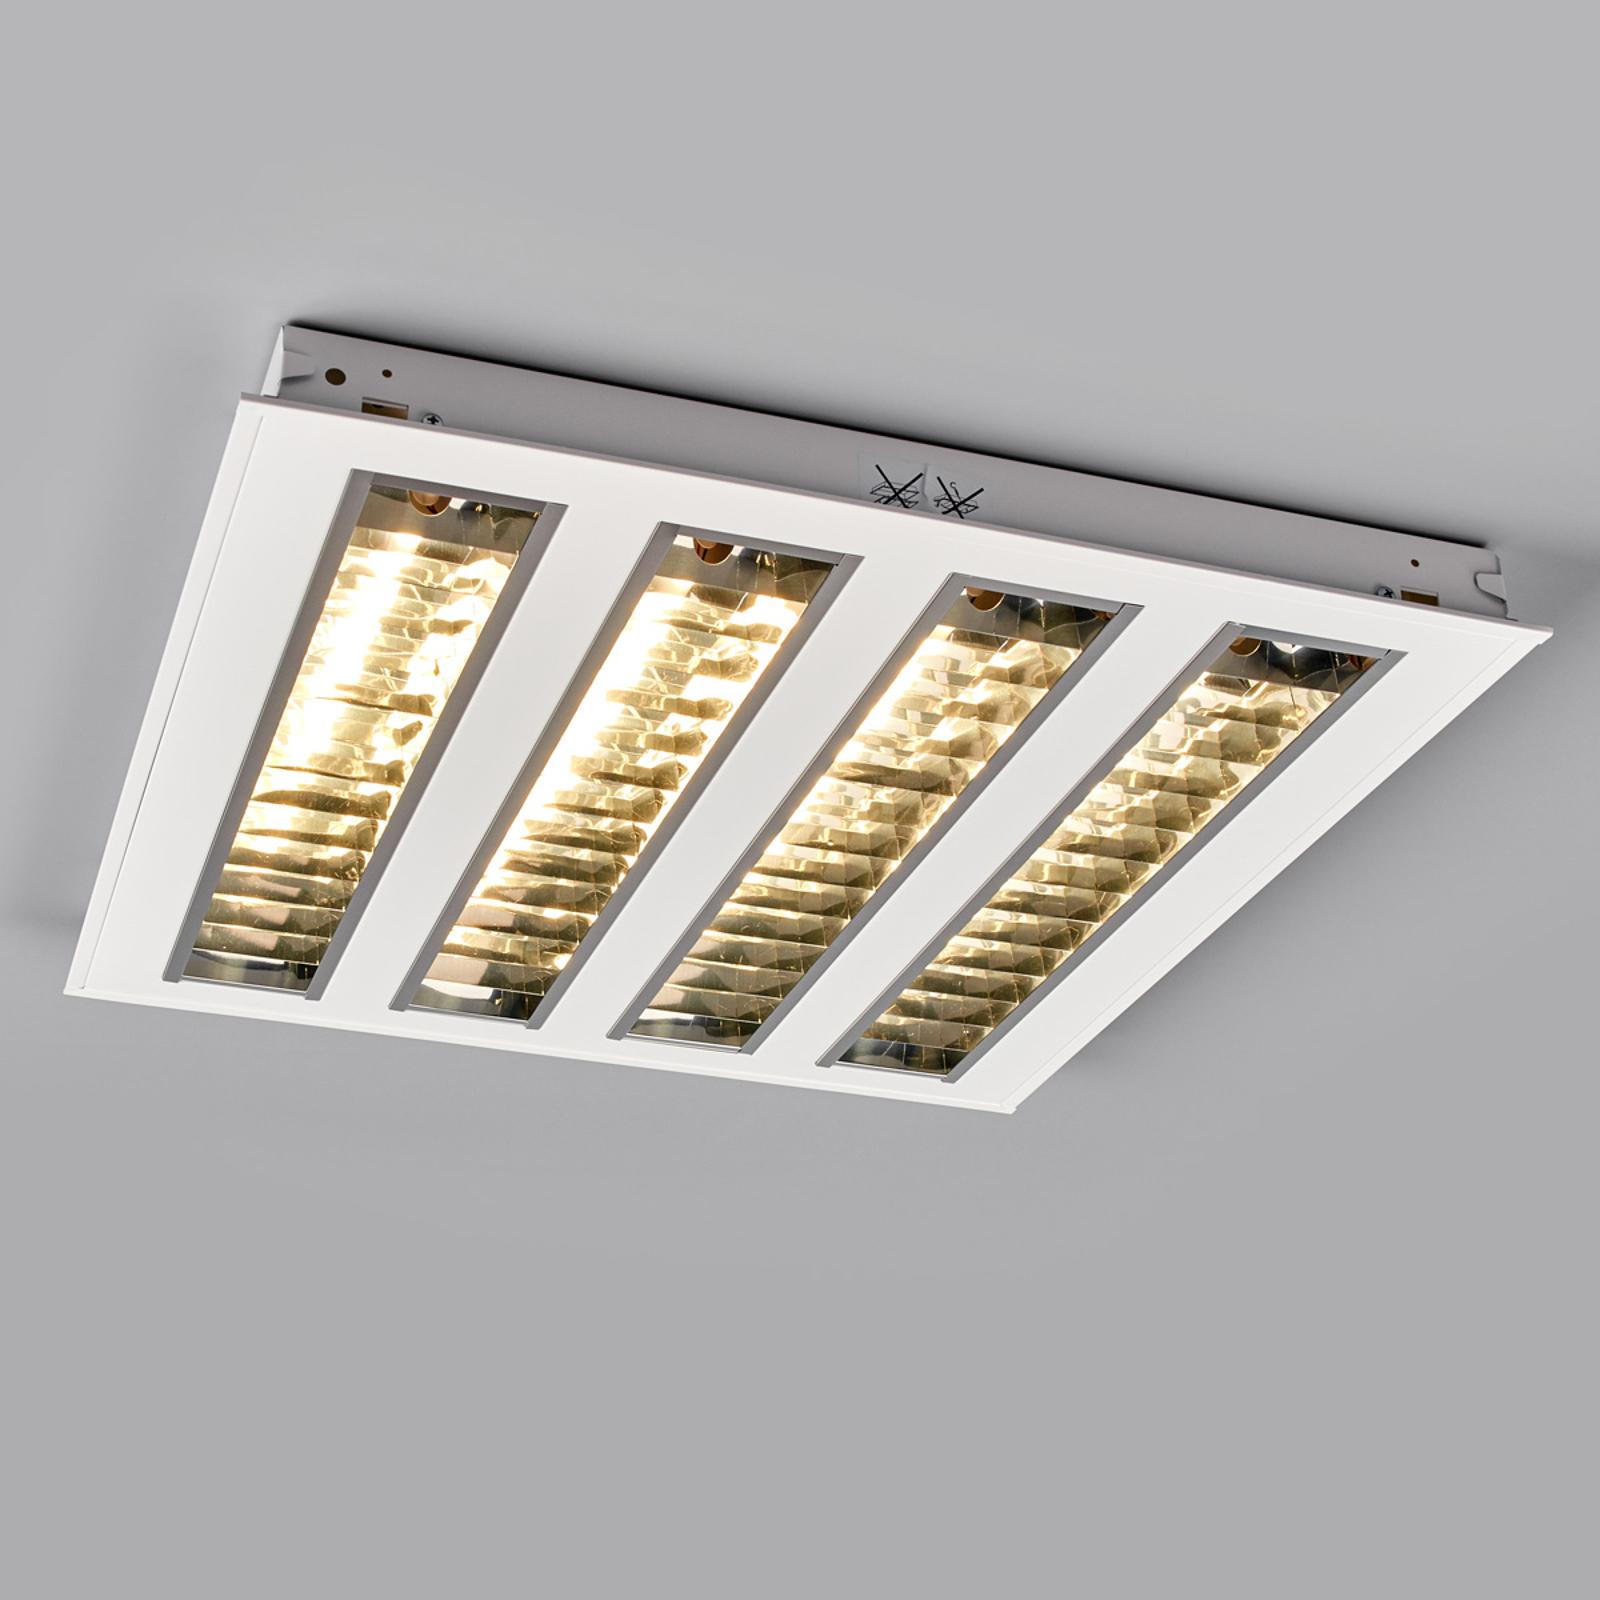 LED-raster-innfellingslampe m fire raster, 4000K